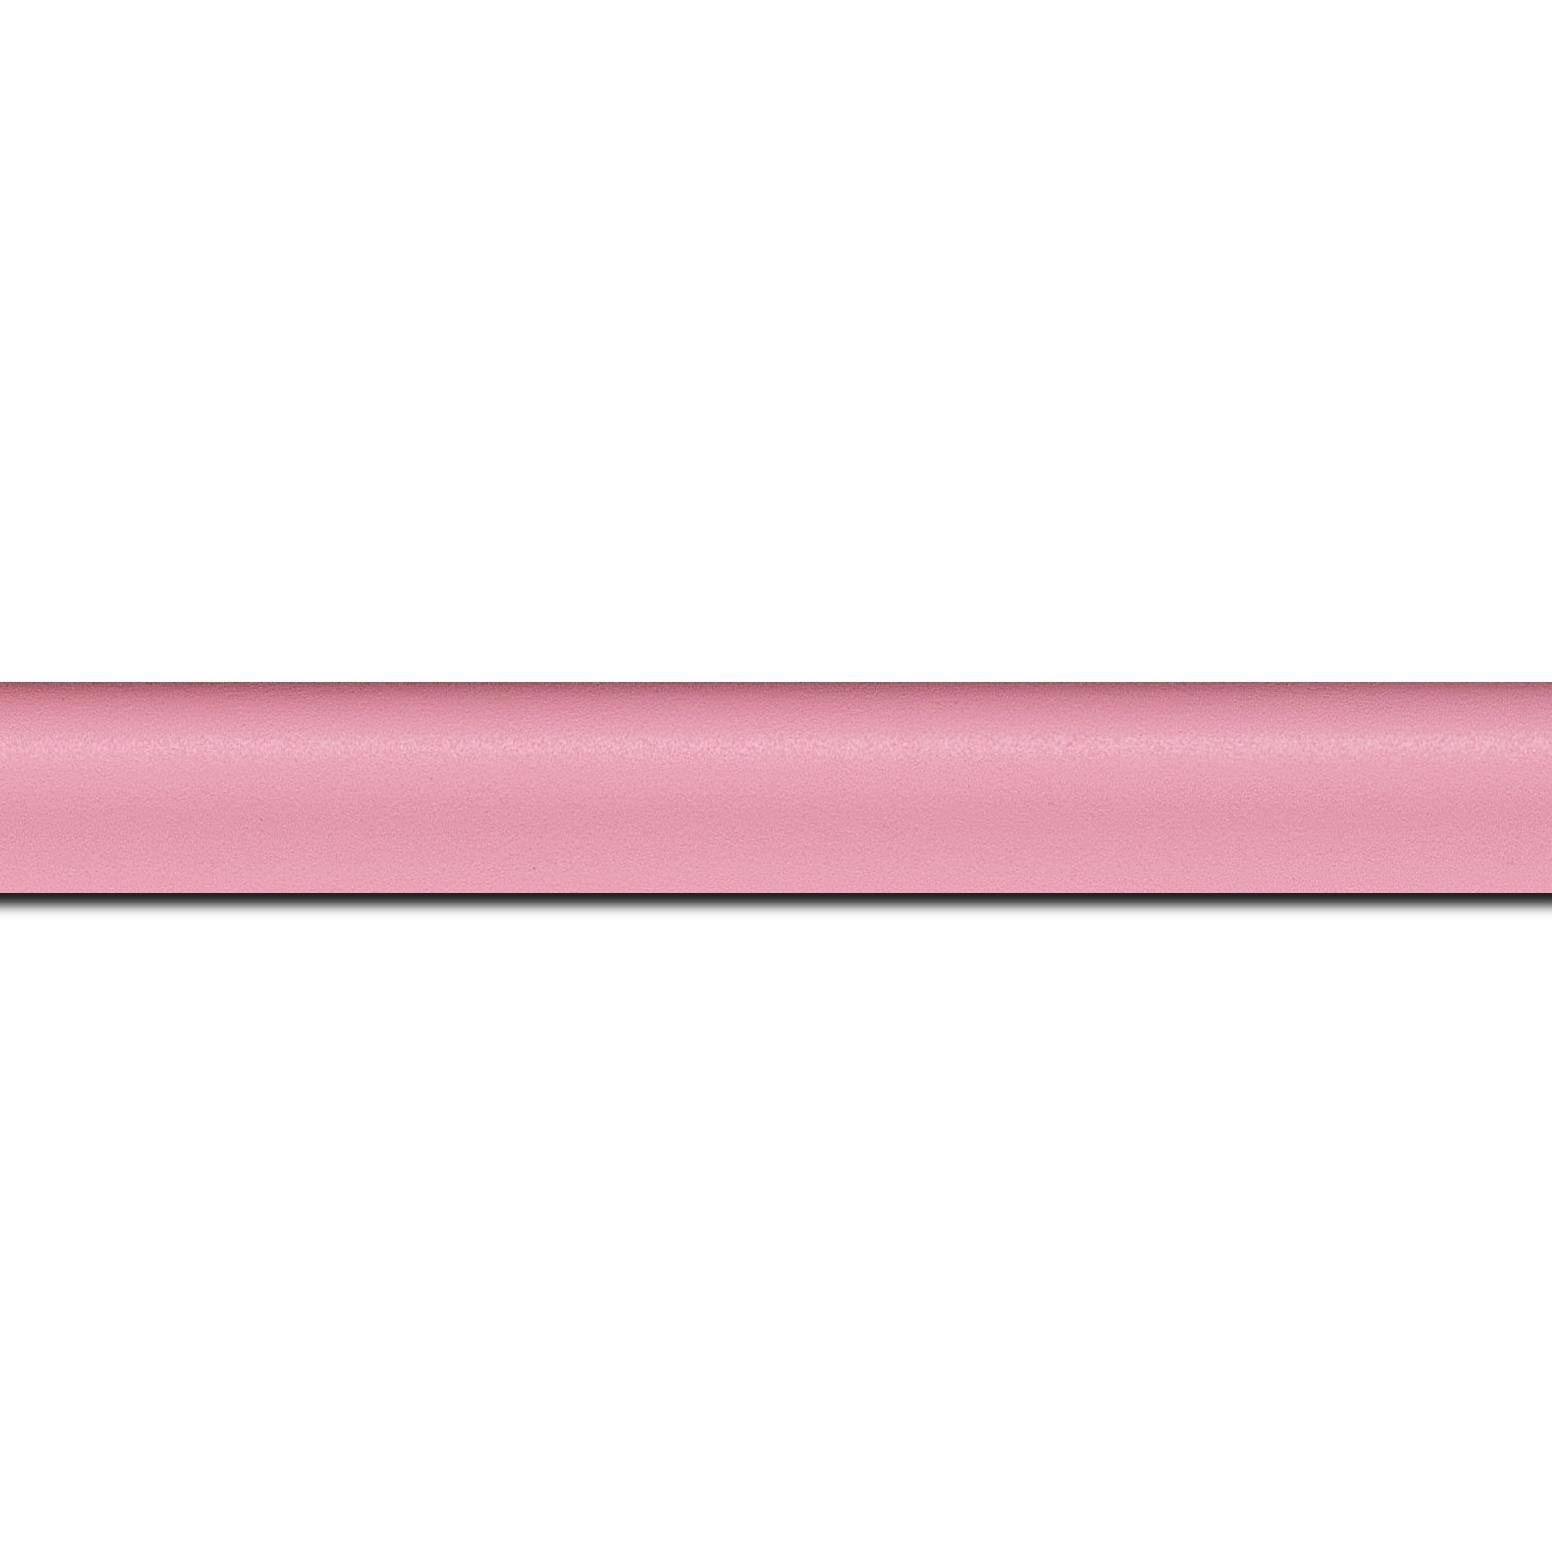 Pack par 12m, bois profil incuvé largeur 2.1cm couleur rose tendre satiné (longueur baguette pouvant varier entre 2.40m et 3m selon arrivage des bois)